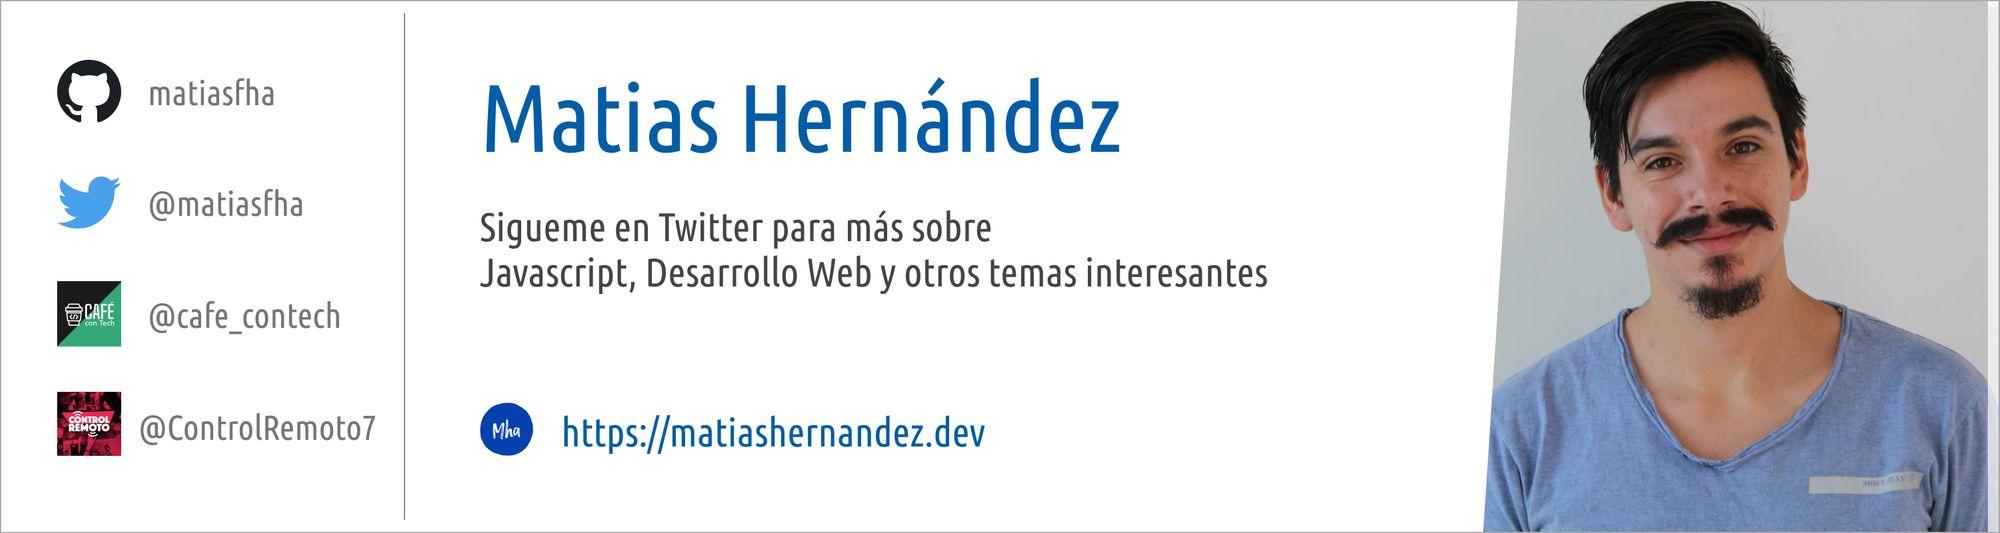 Social Card: Sígueme en Twitter